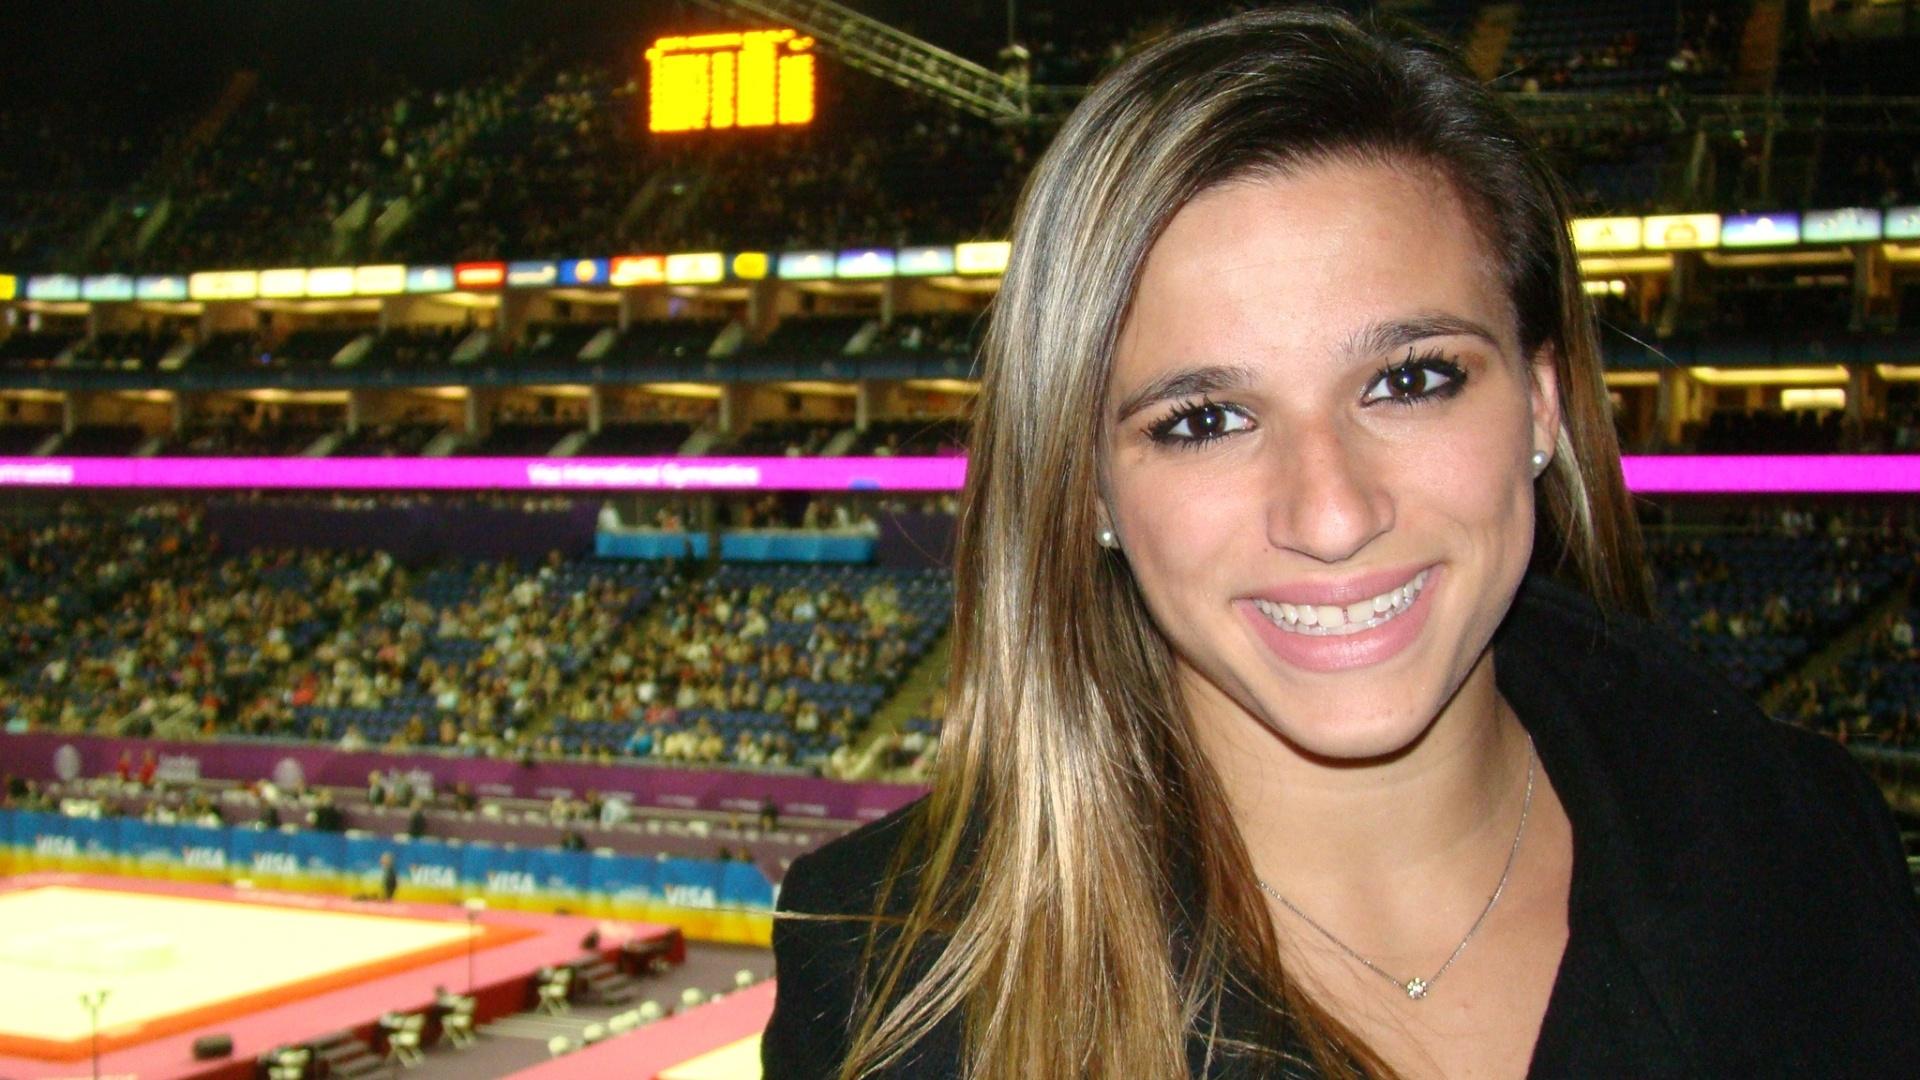 Jade Barbosa posa, em traje civil, na arena North Greenwich durante o Pré-Olímpico de Londres (13/1/2012)